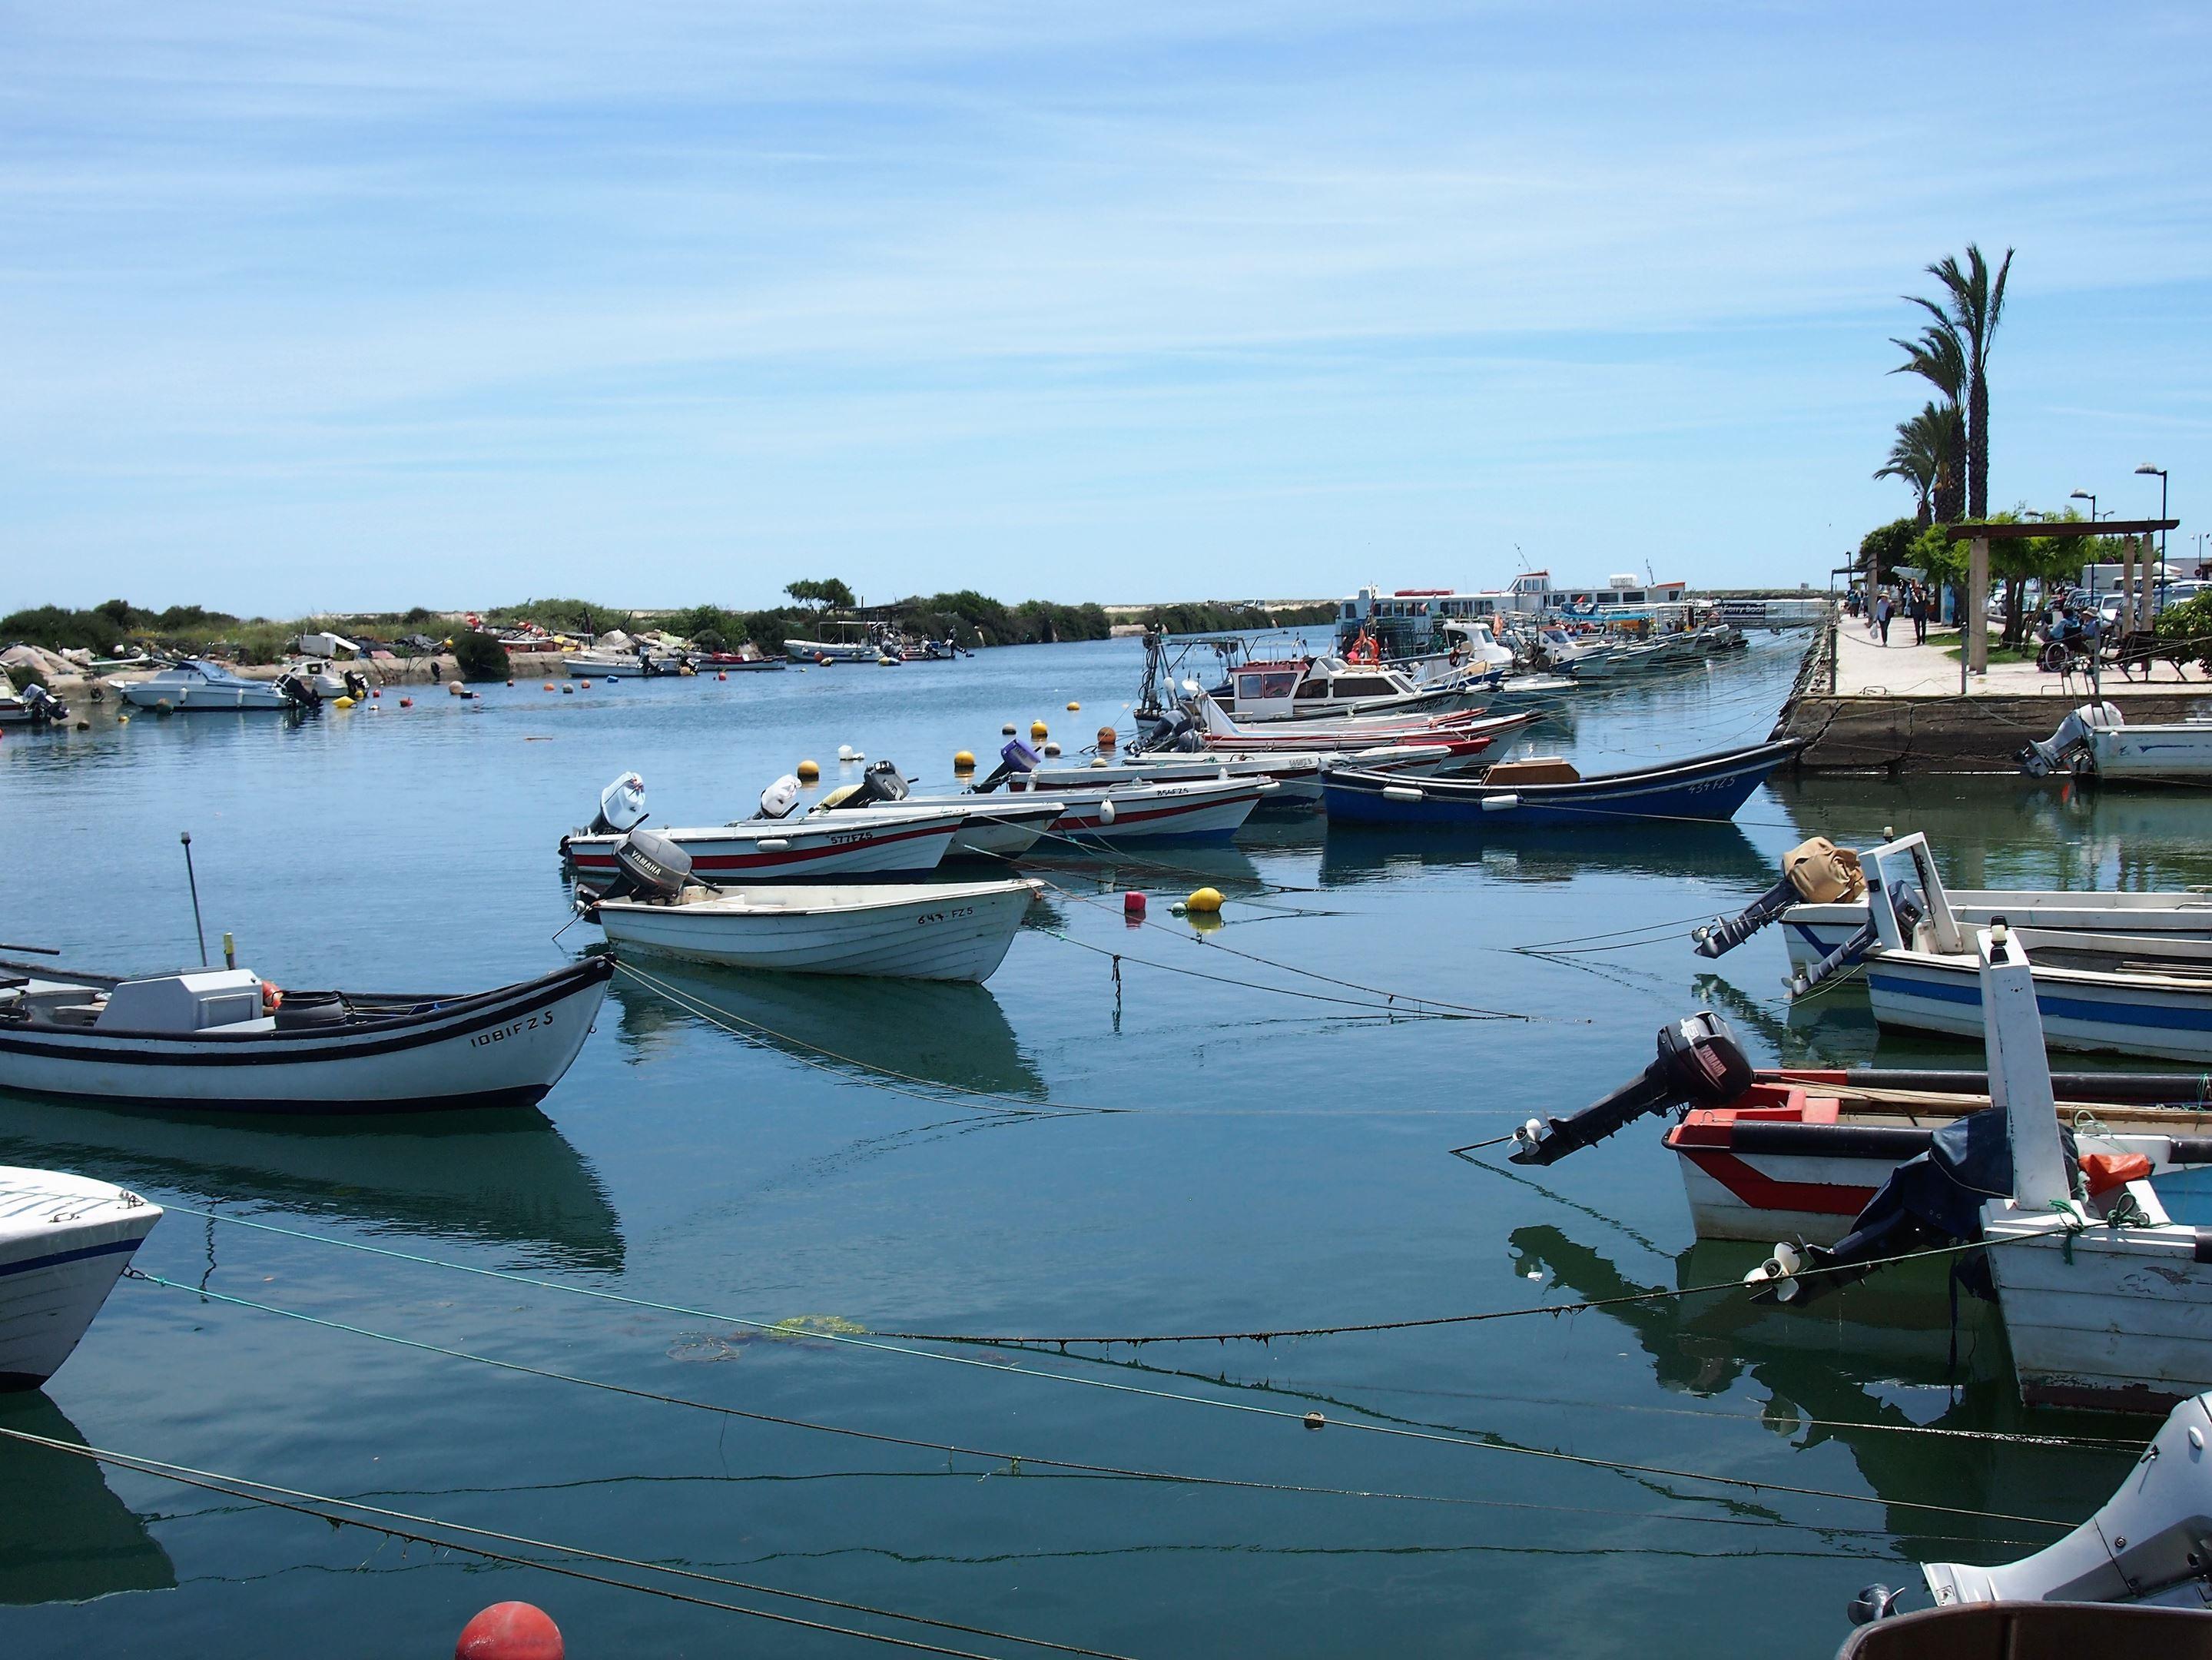 Vista do passeio marítimo, Fuseta